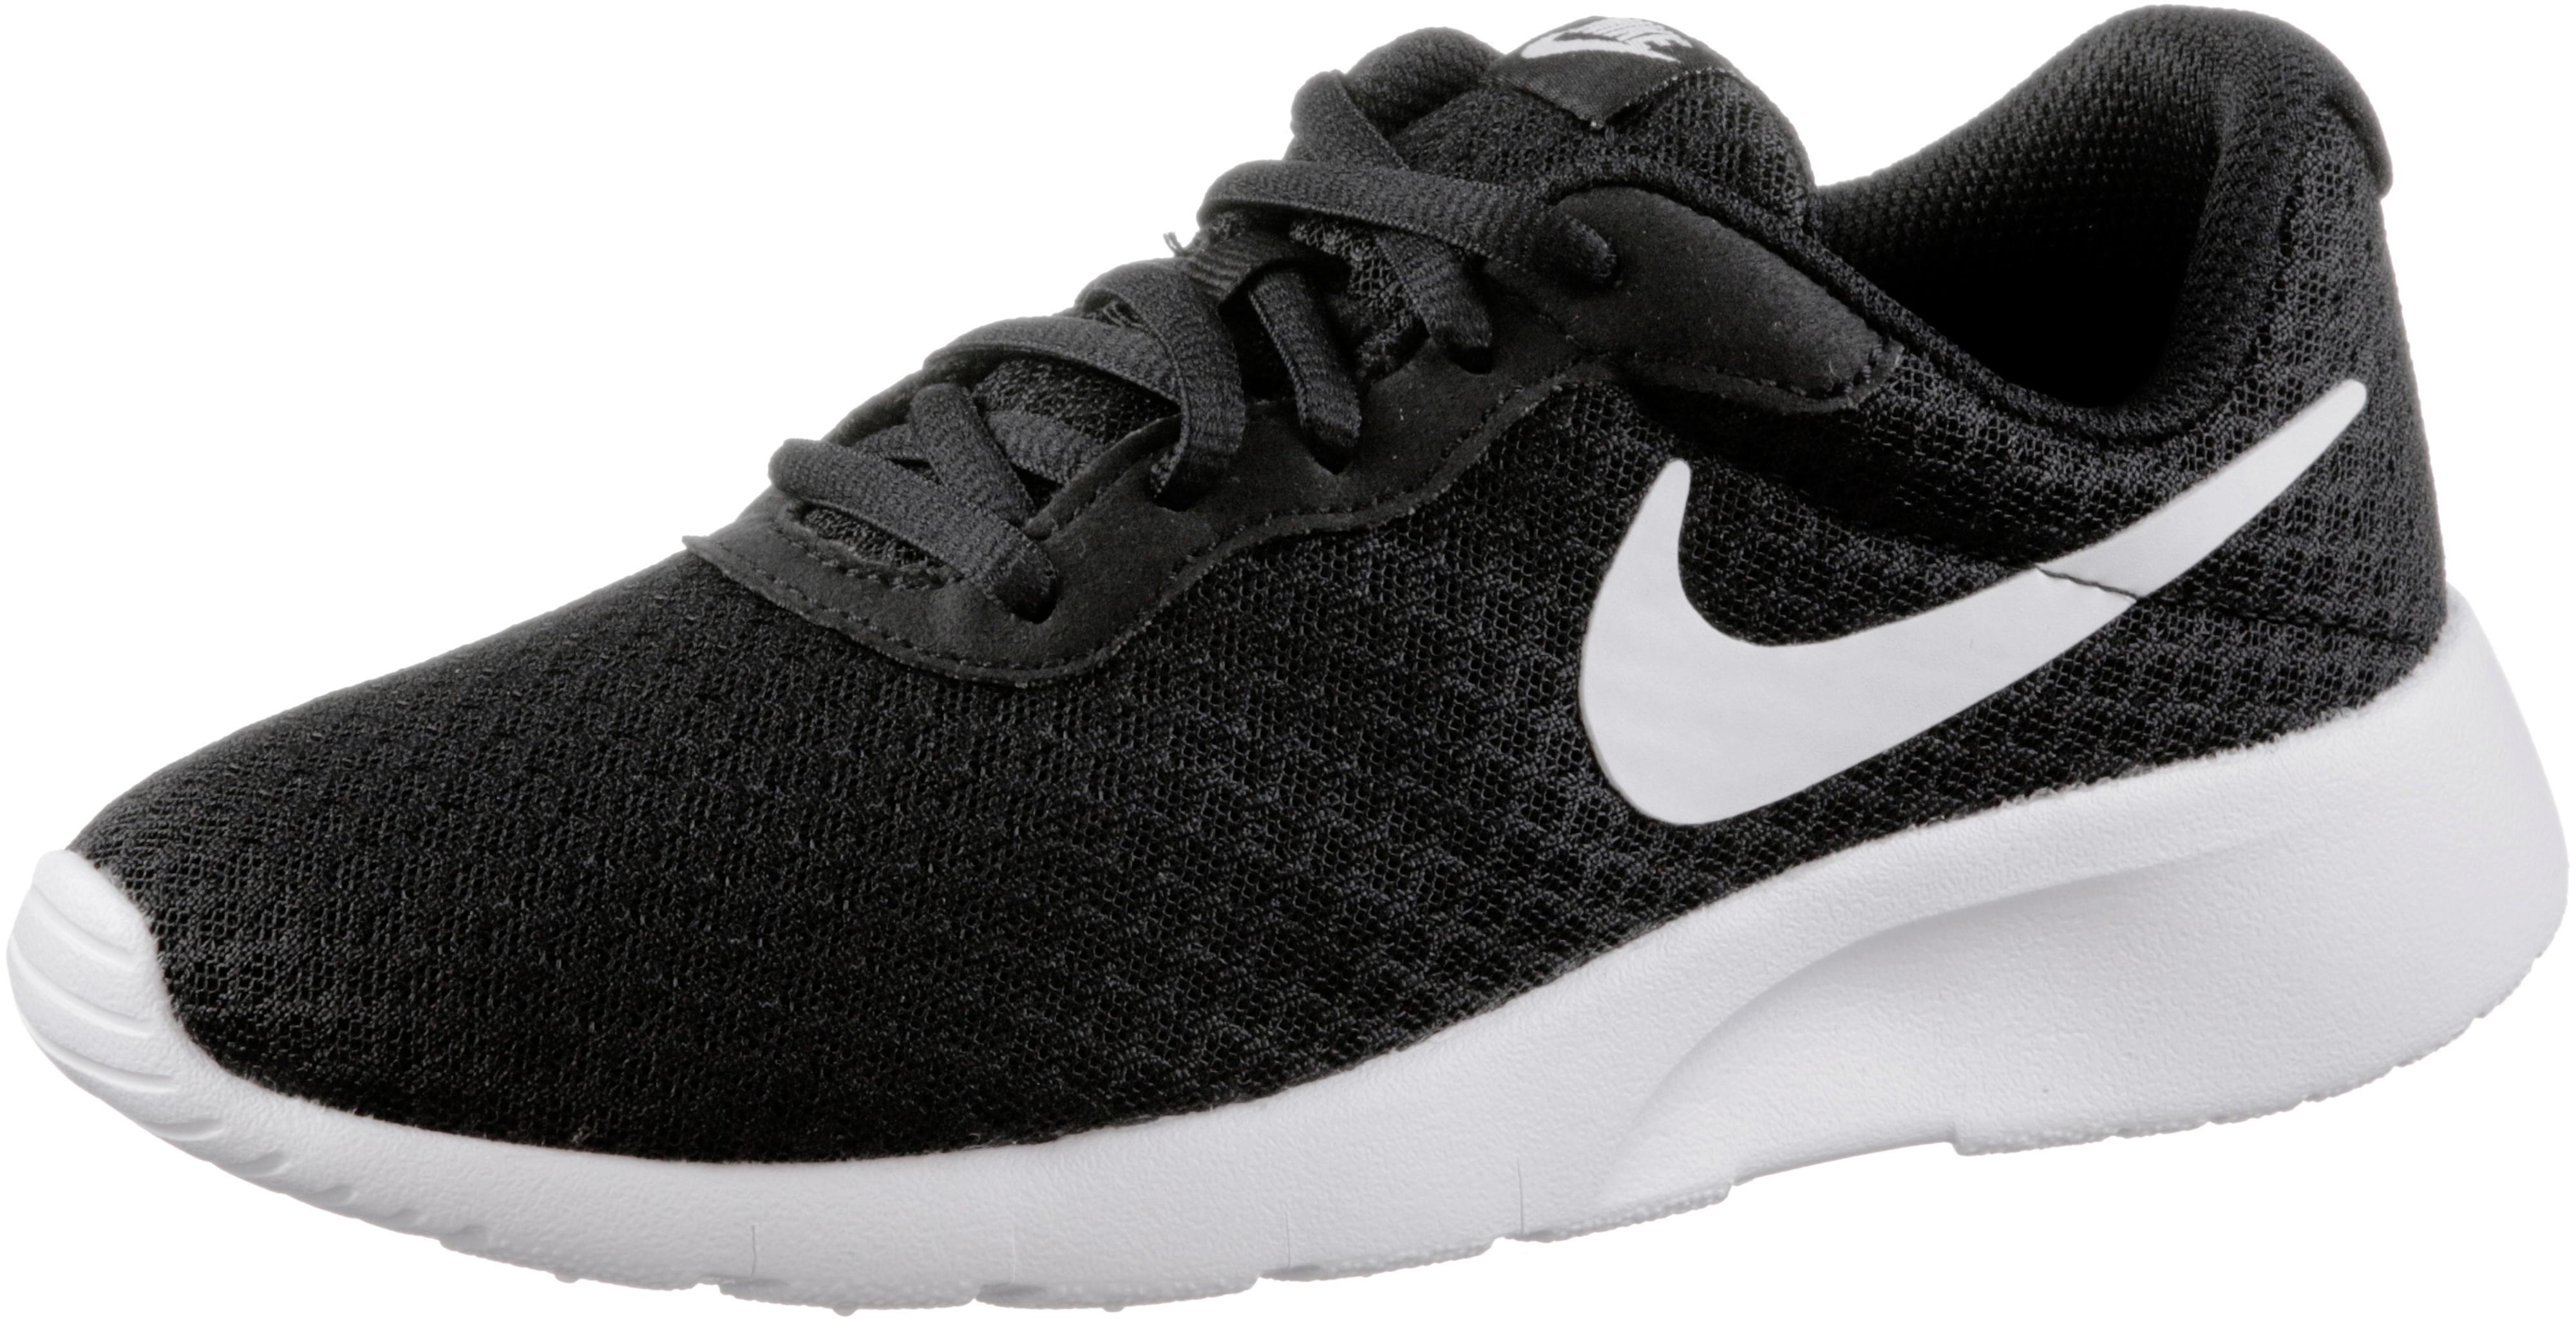 Nike Chaussures De Sport Tanjun (ps) Kinderen - Noir / Blanc Hyper-rose fk1L7